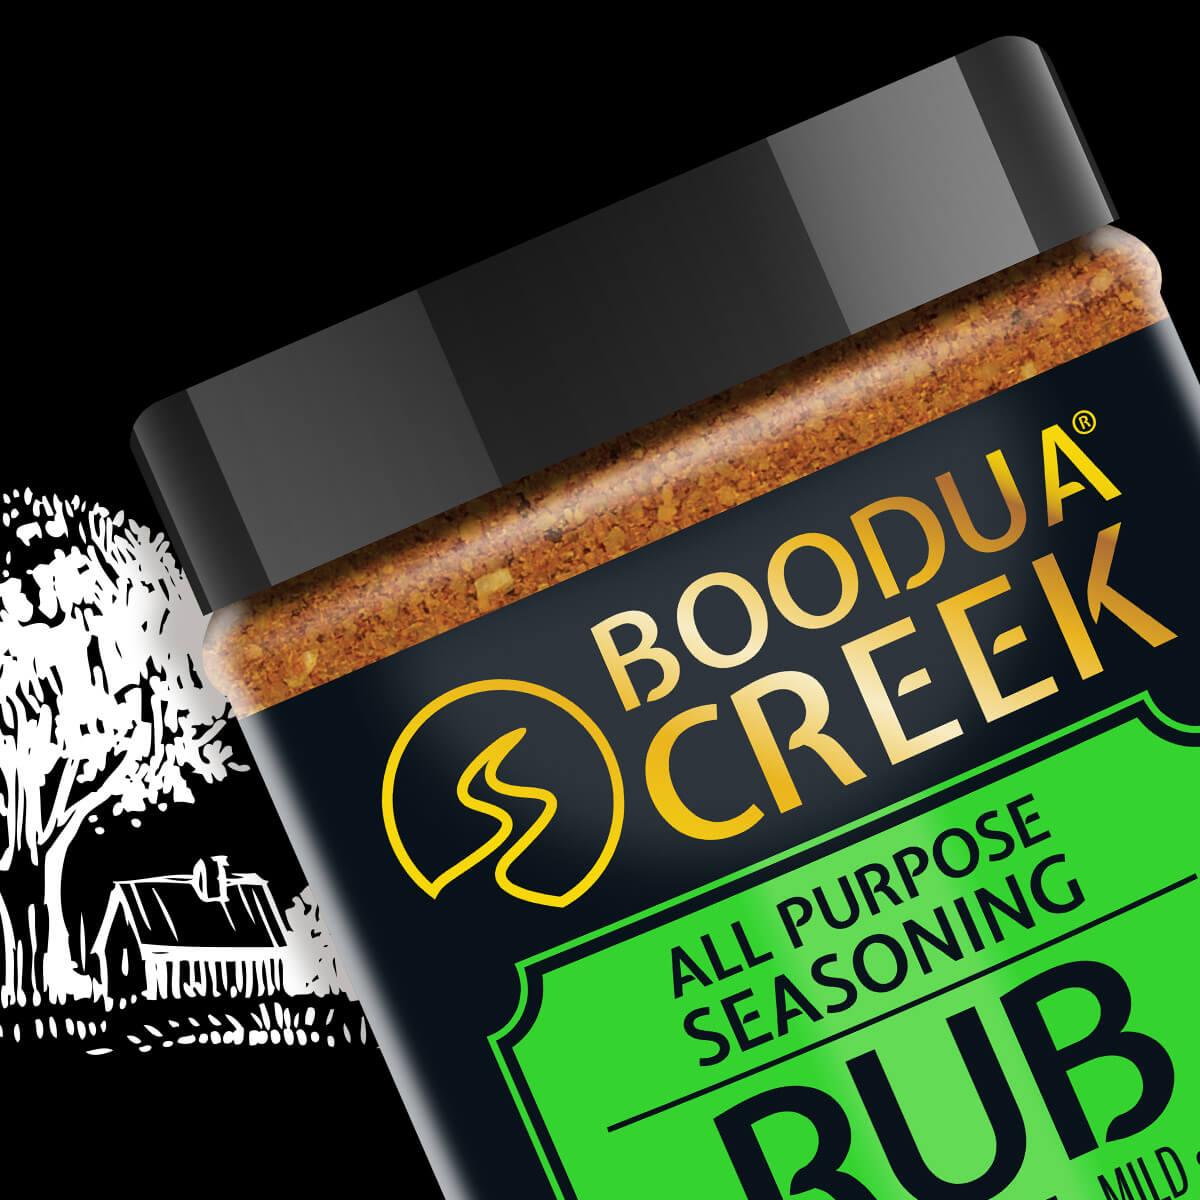 Boodua Creek